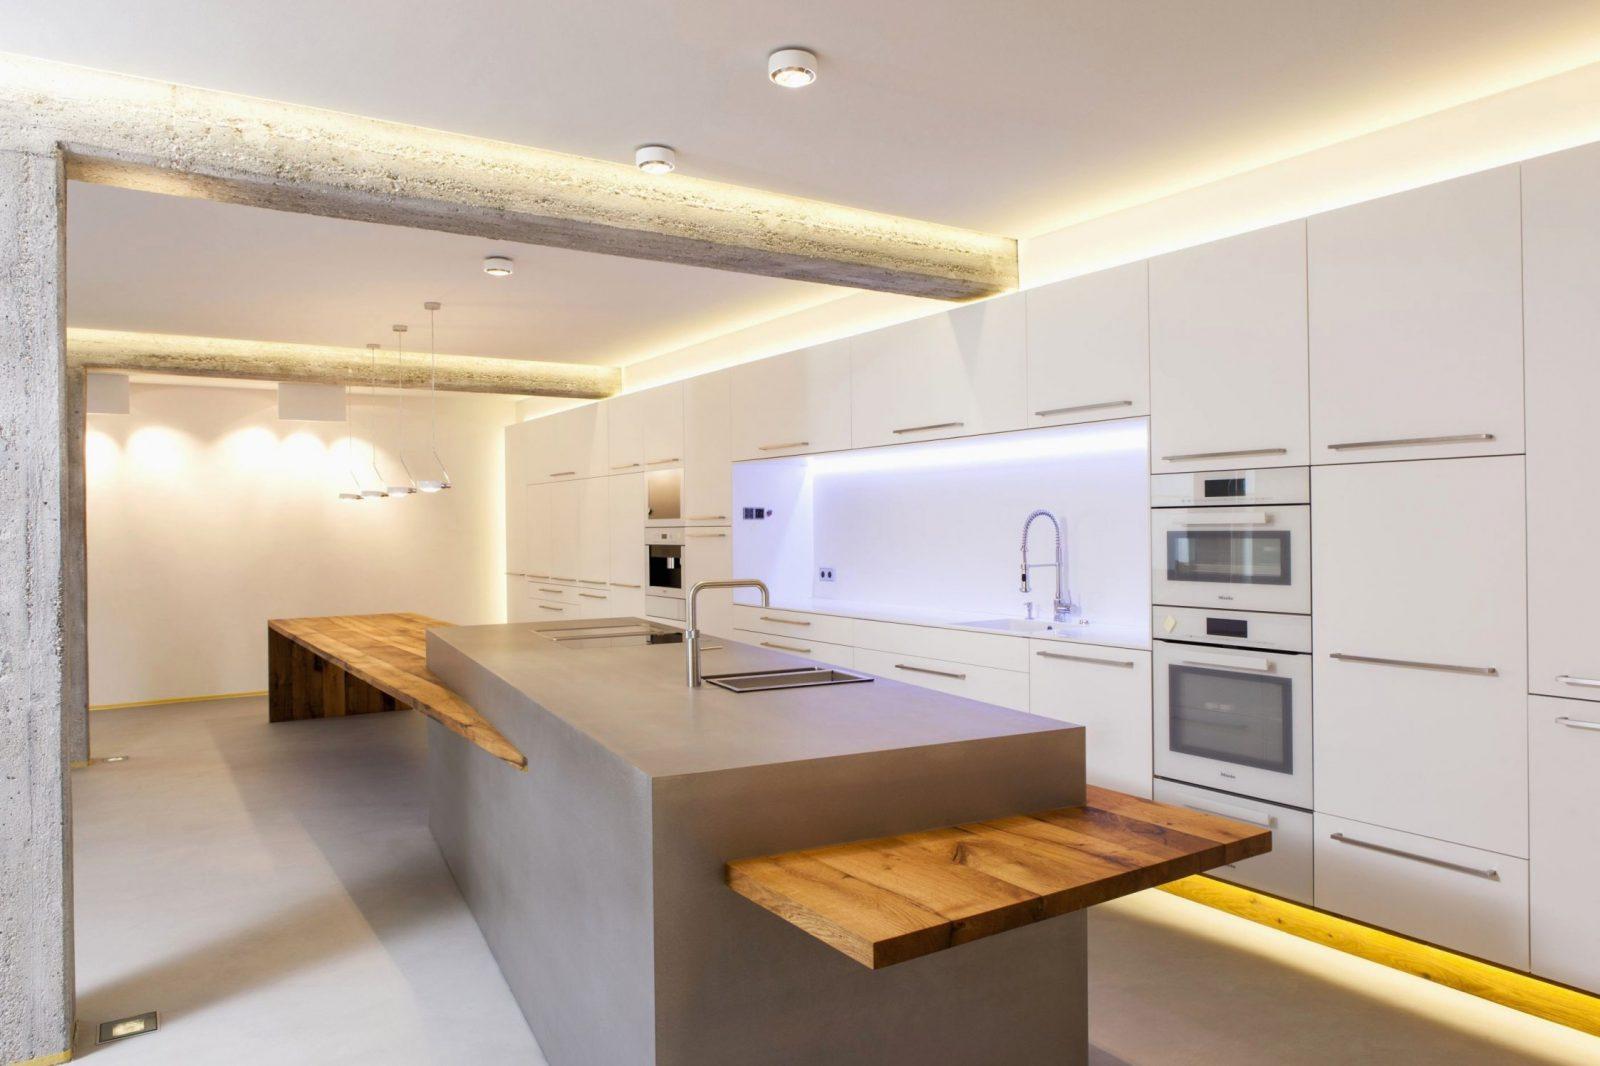 Kochinsel Mit Integriertem Esstisch Regelmäßige Brillant Ideen von Küche Mit Integriertem Tisch Bild